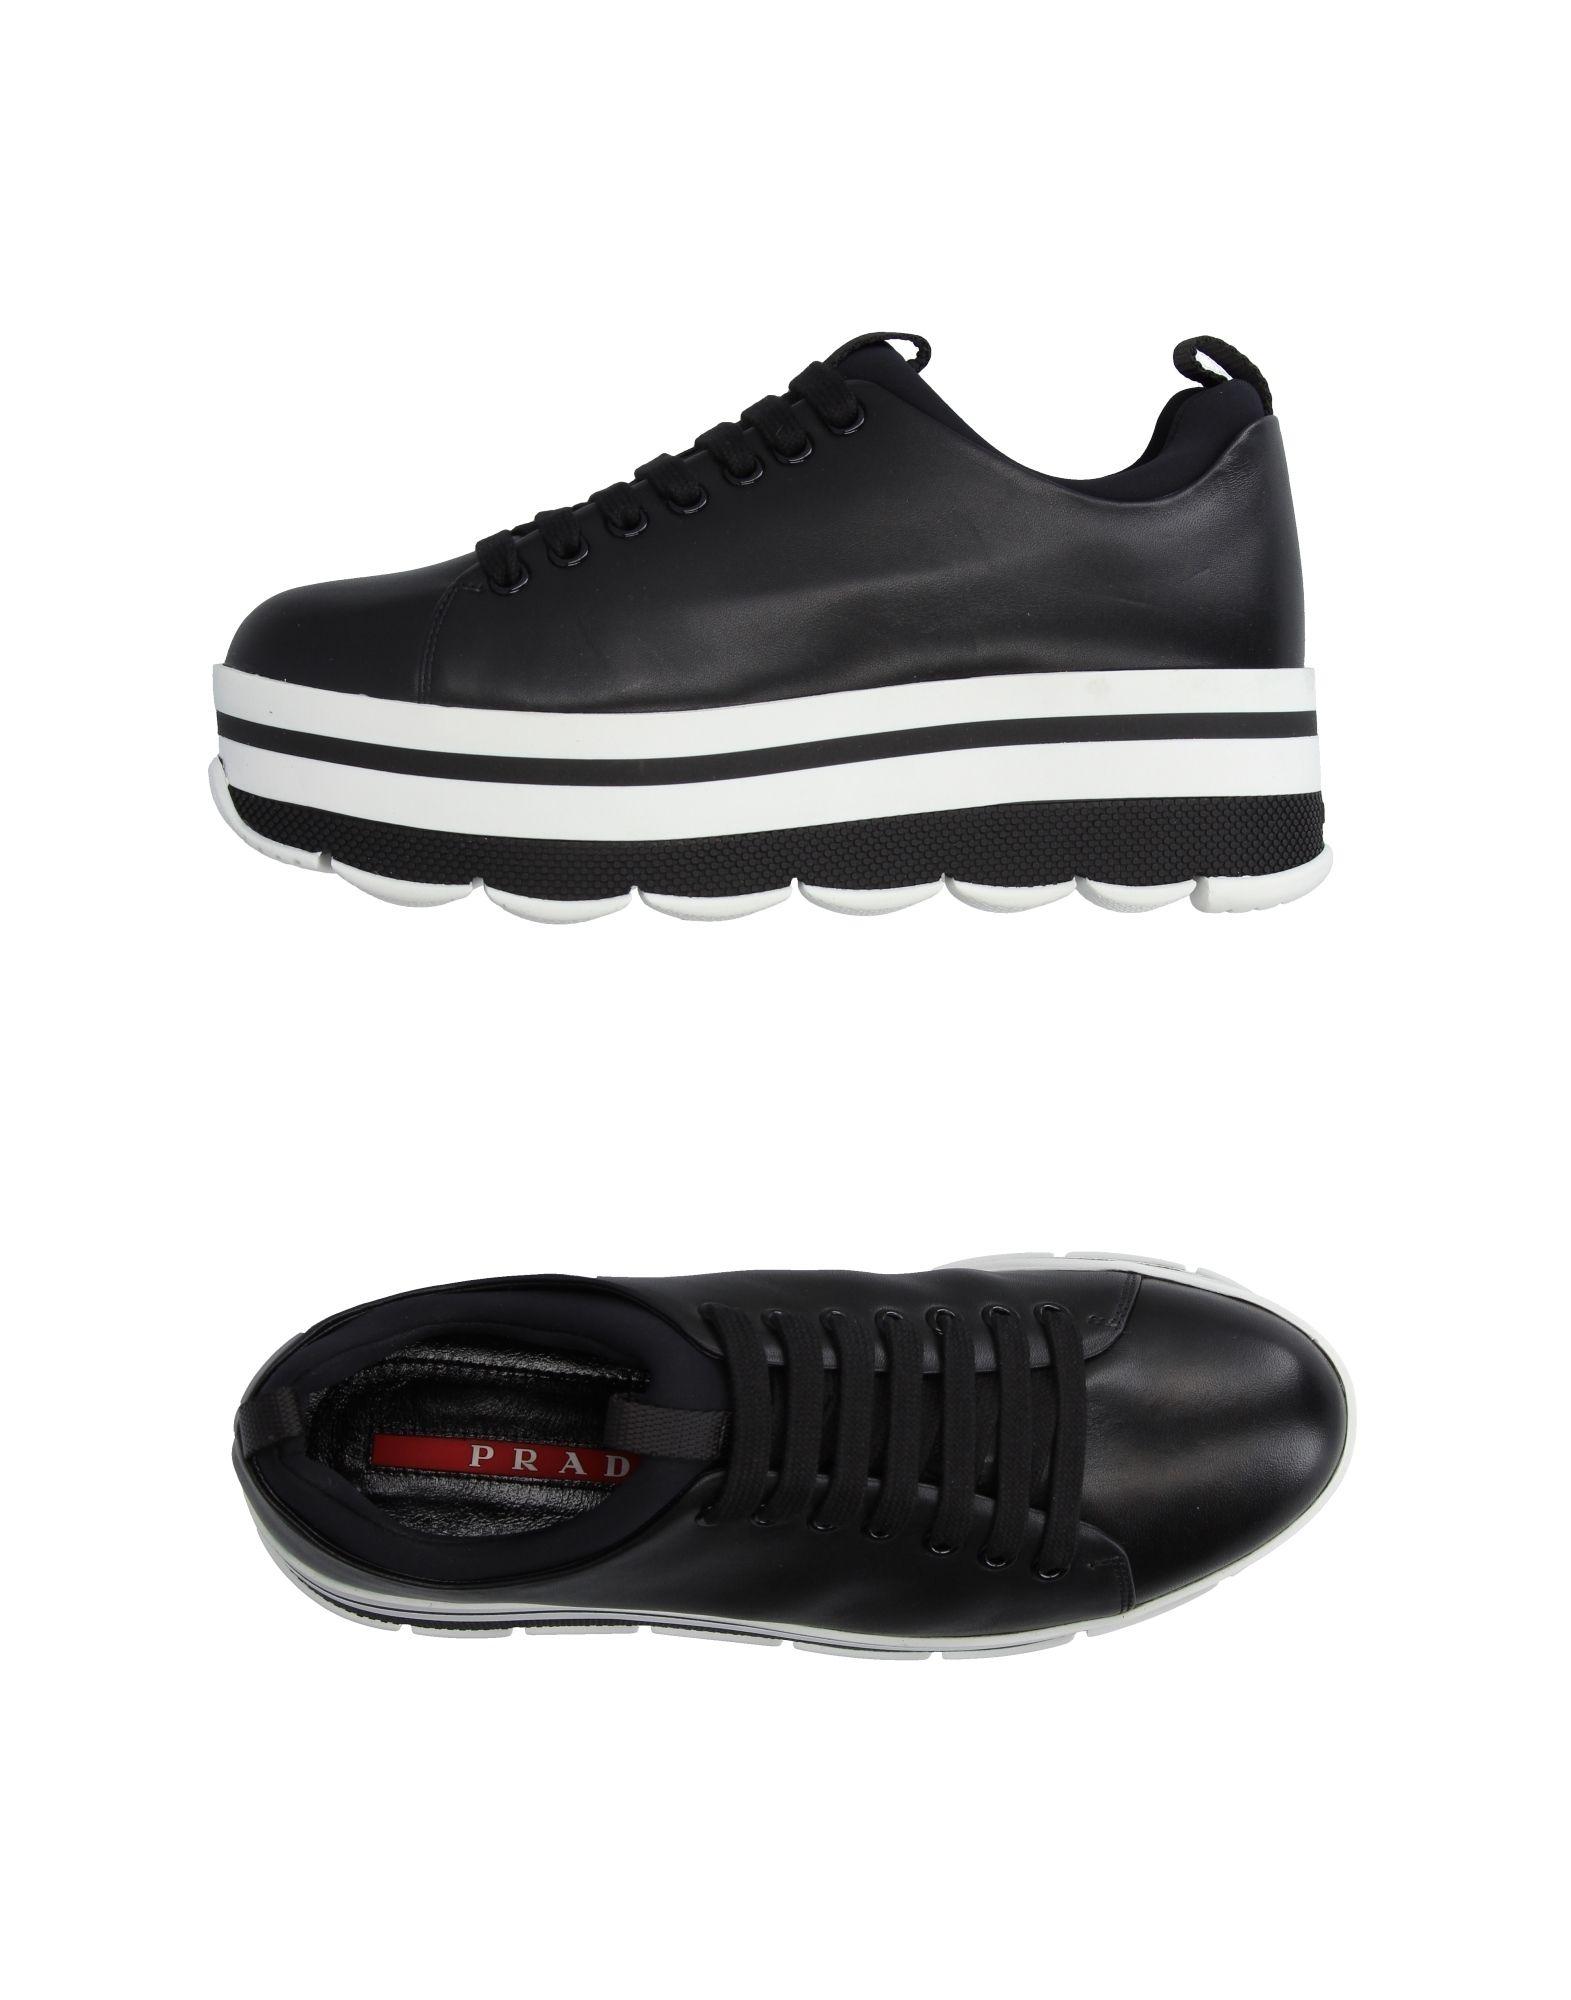 PRADA LINEA ROSSA Low-tops & sneakers - Item 11204850